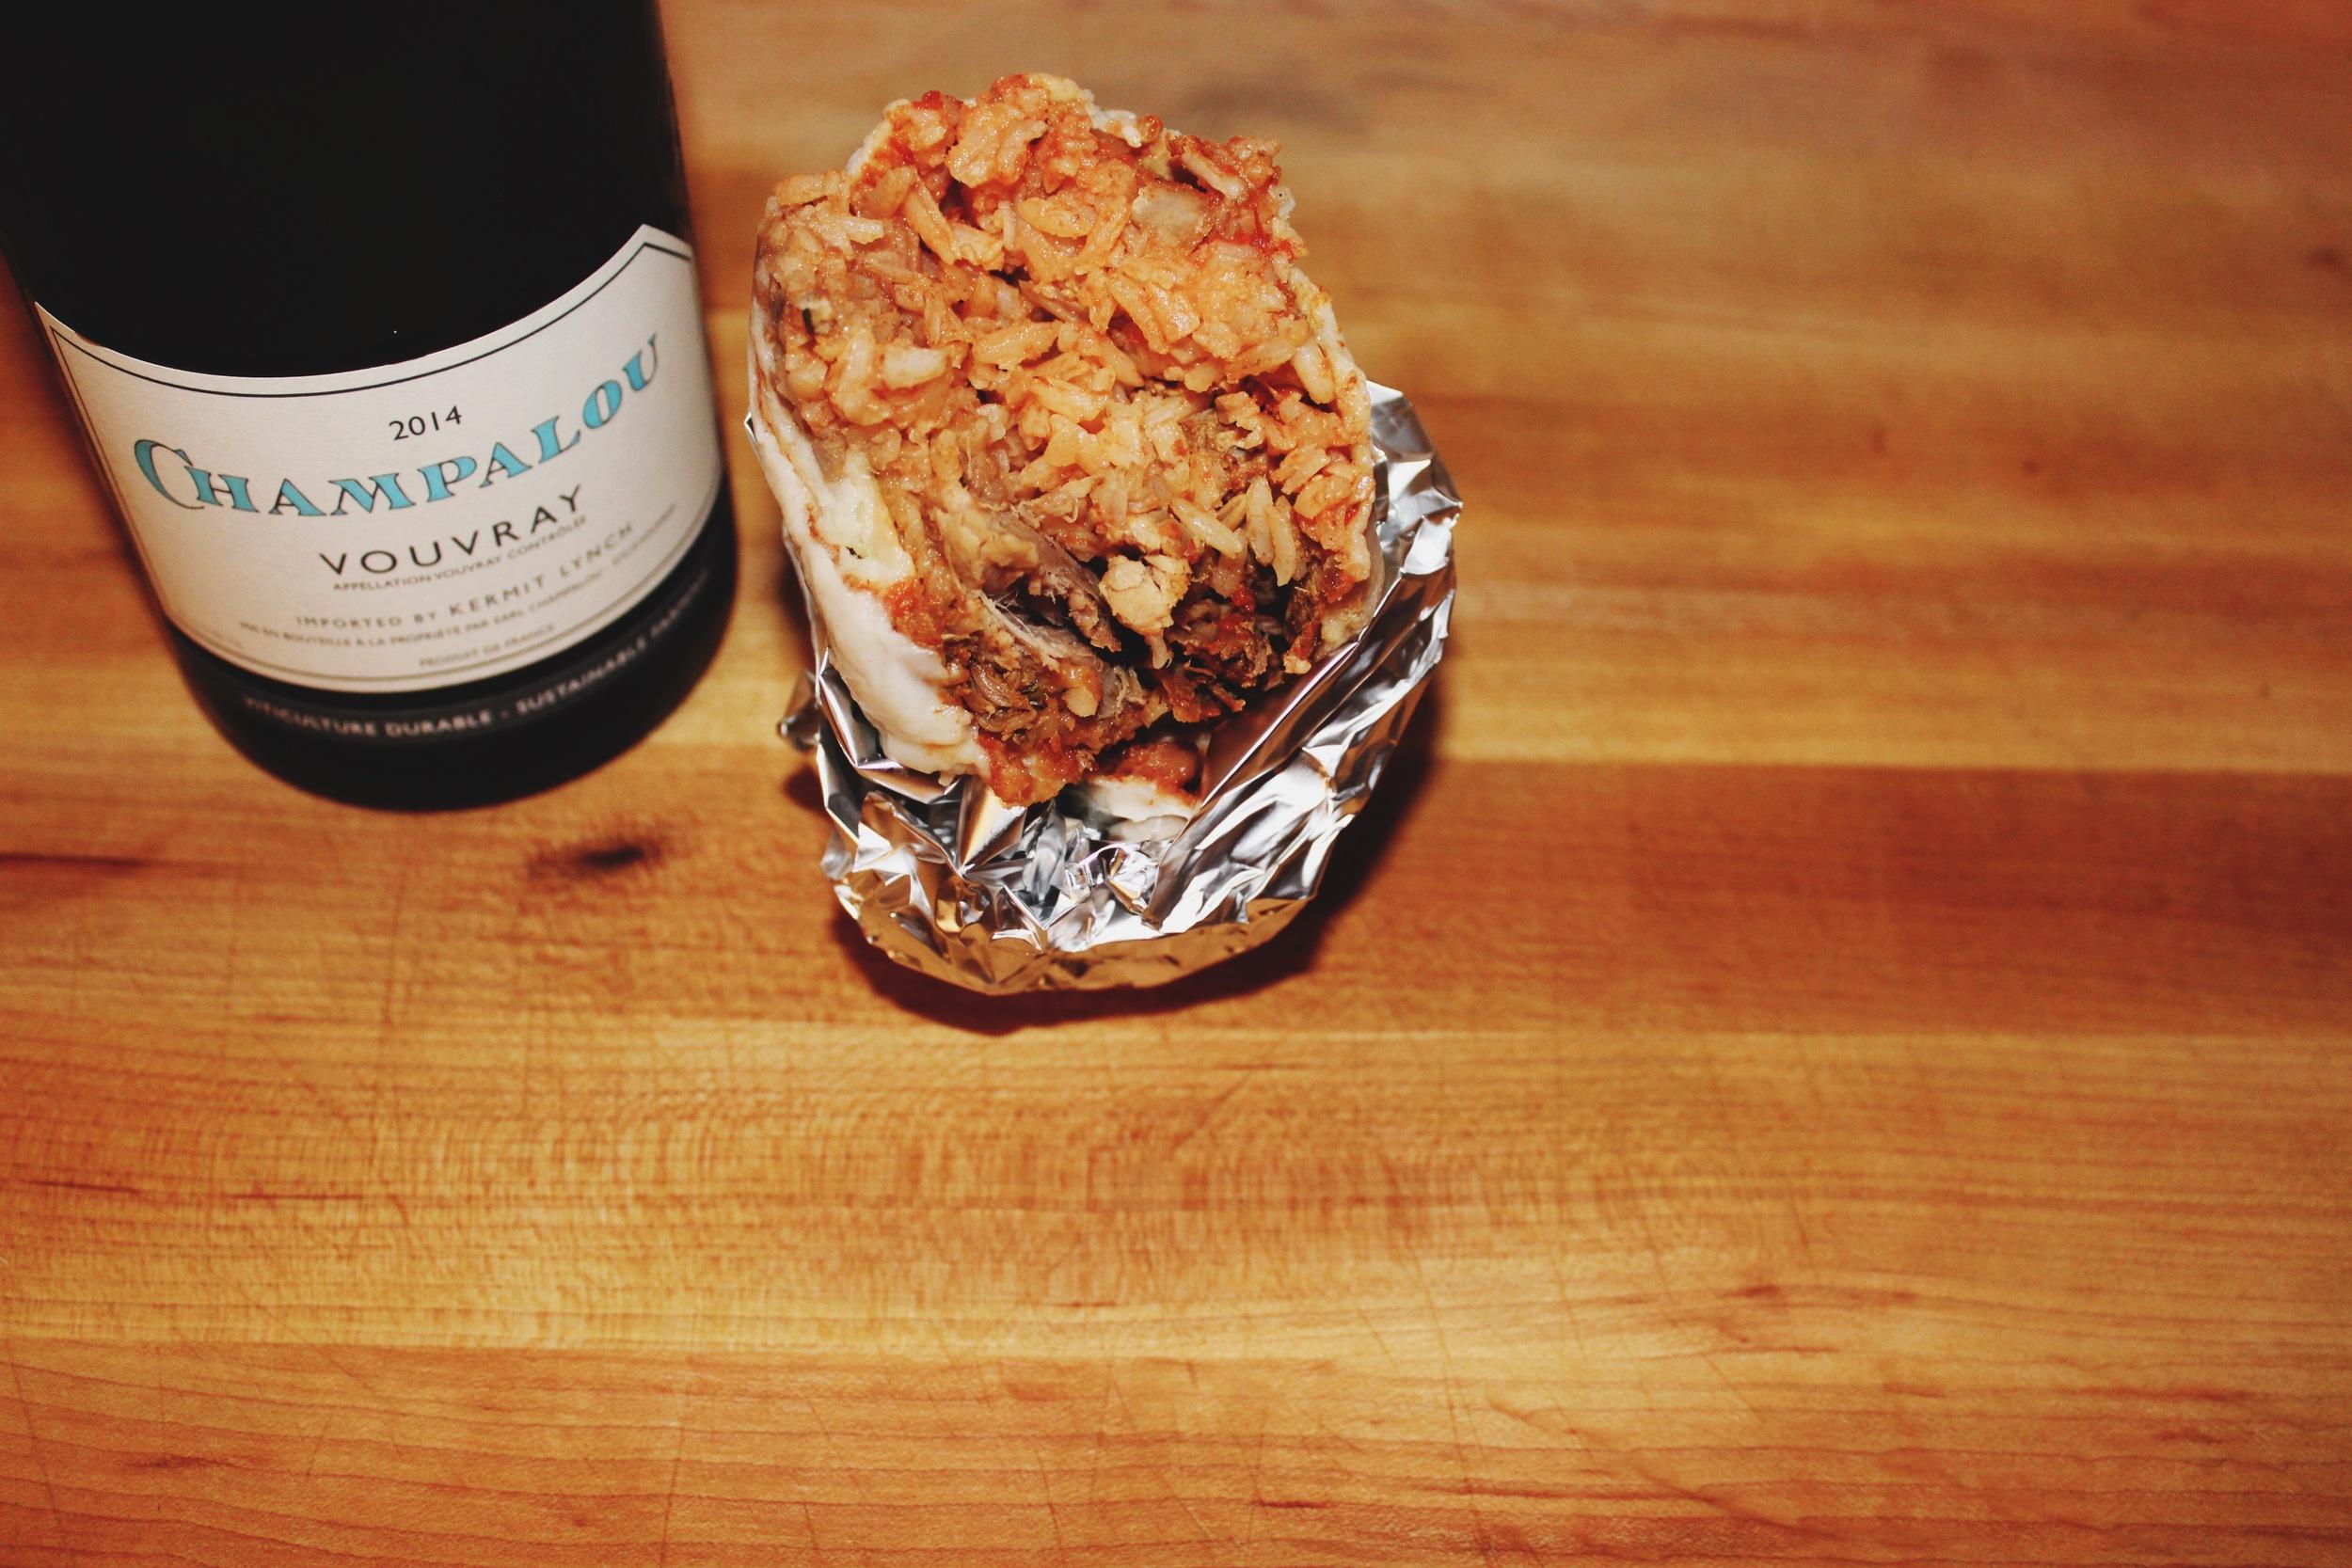 burrito and wine pairing